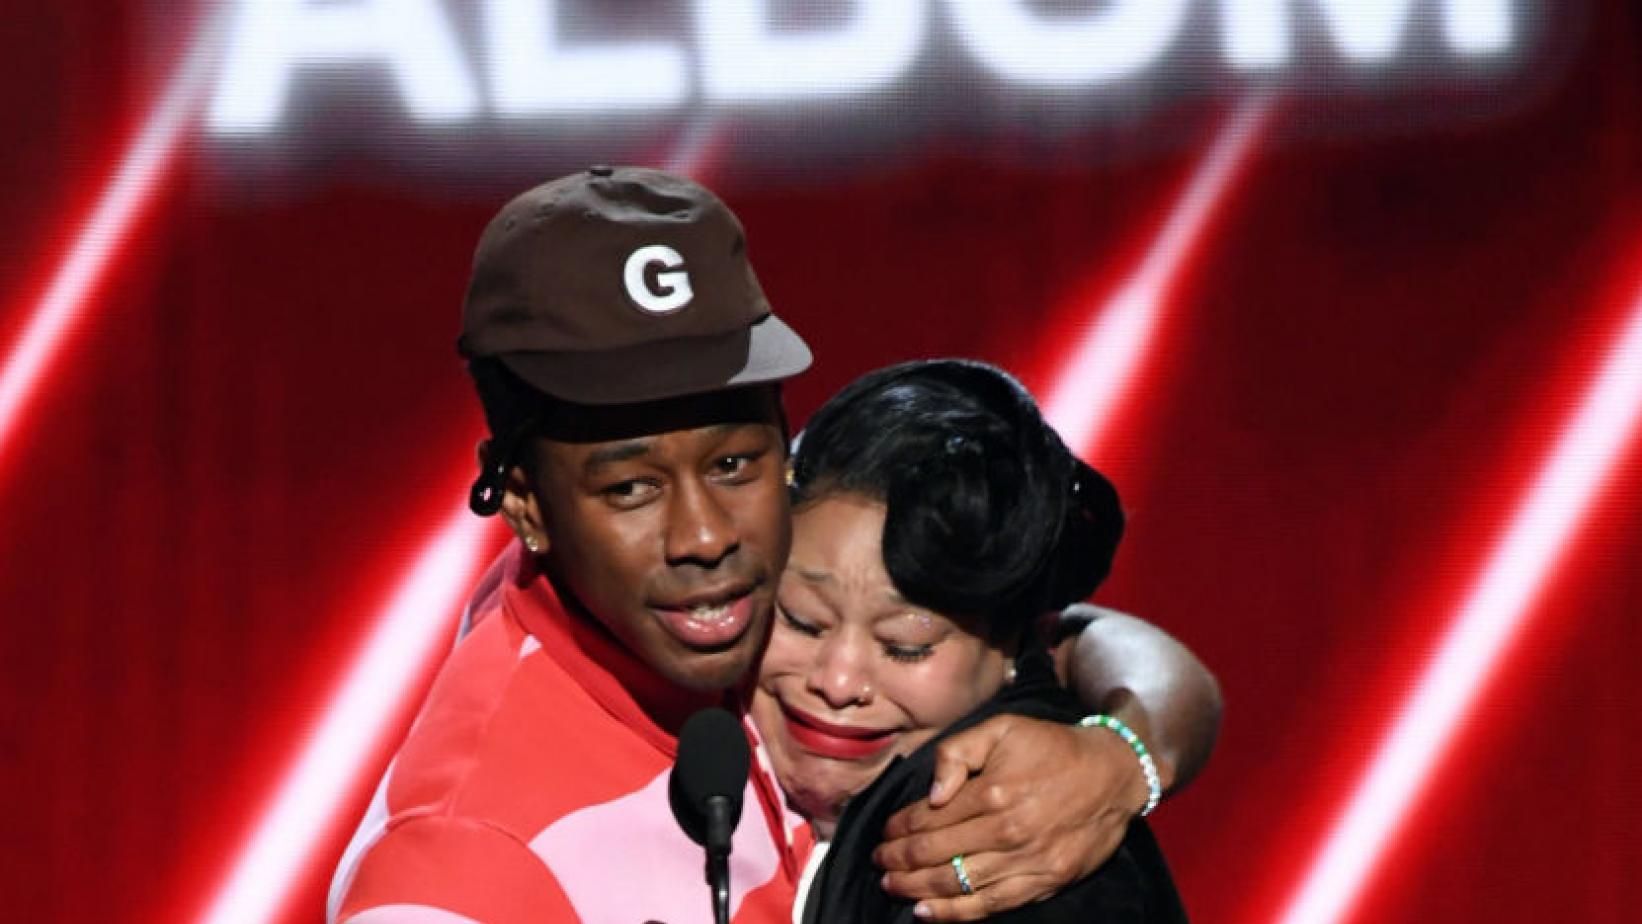 """Filho de Will Smith volta a chamar rapper de """"namorado"""" em comemoração de prêmio - 1"""